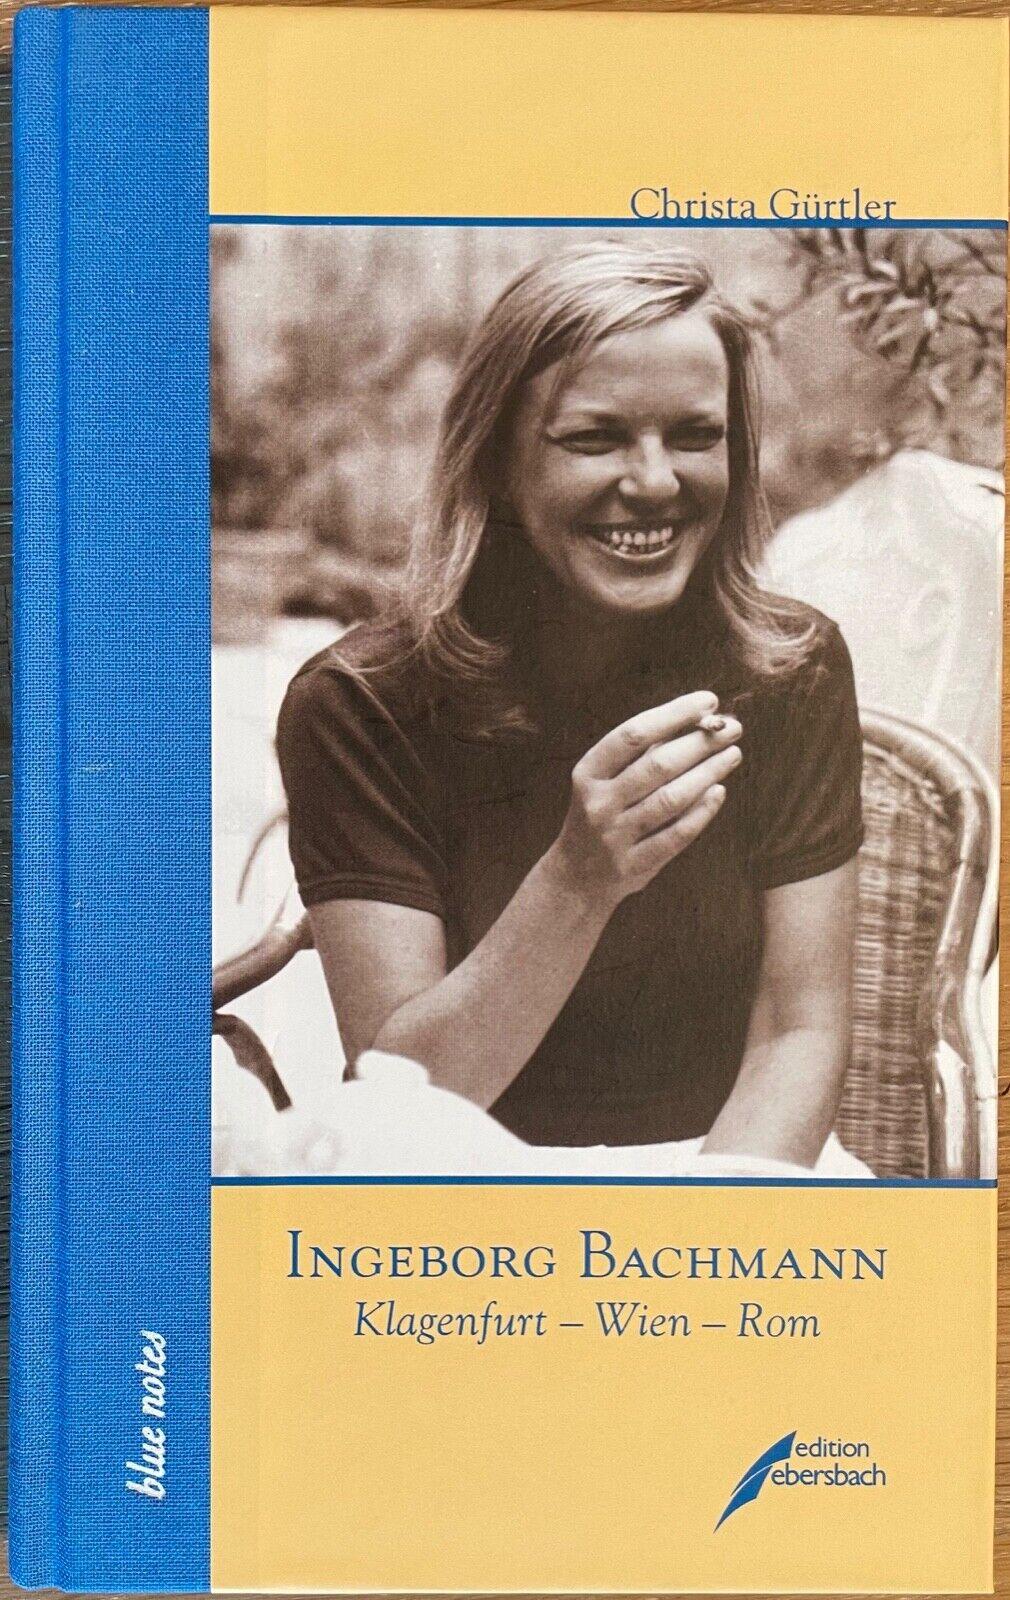 Gürtler, Christa:Ingeborg Bachmann. Klagenfurt - Wien - Rom, geb. Ausg. - Gürtler, Christa